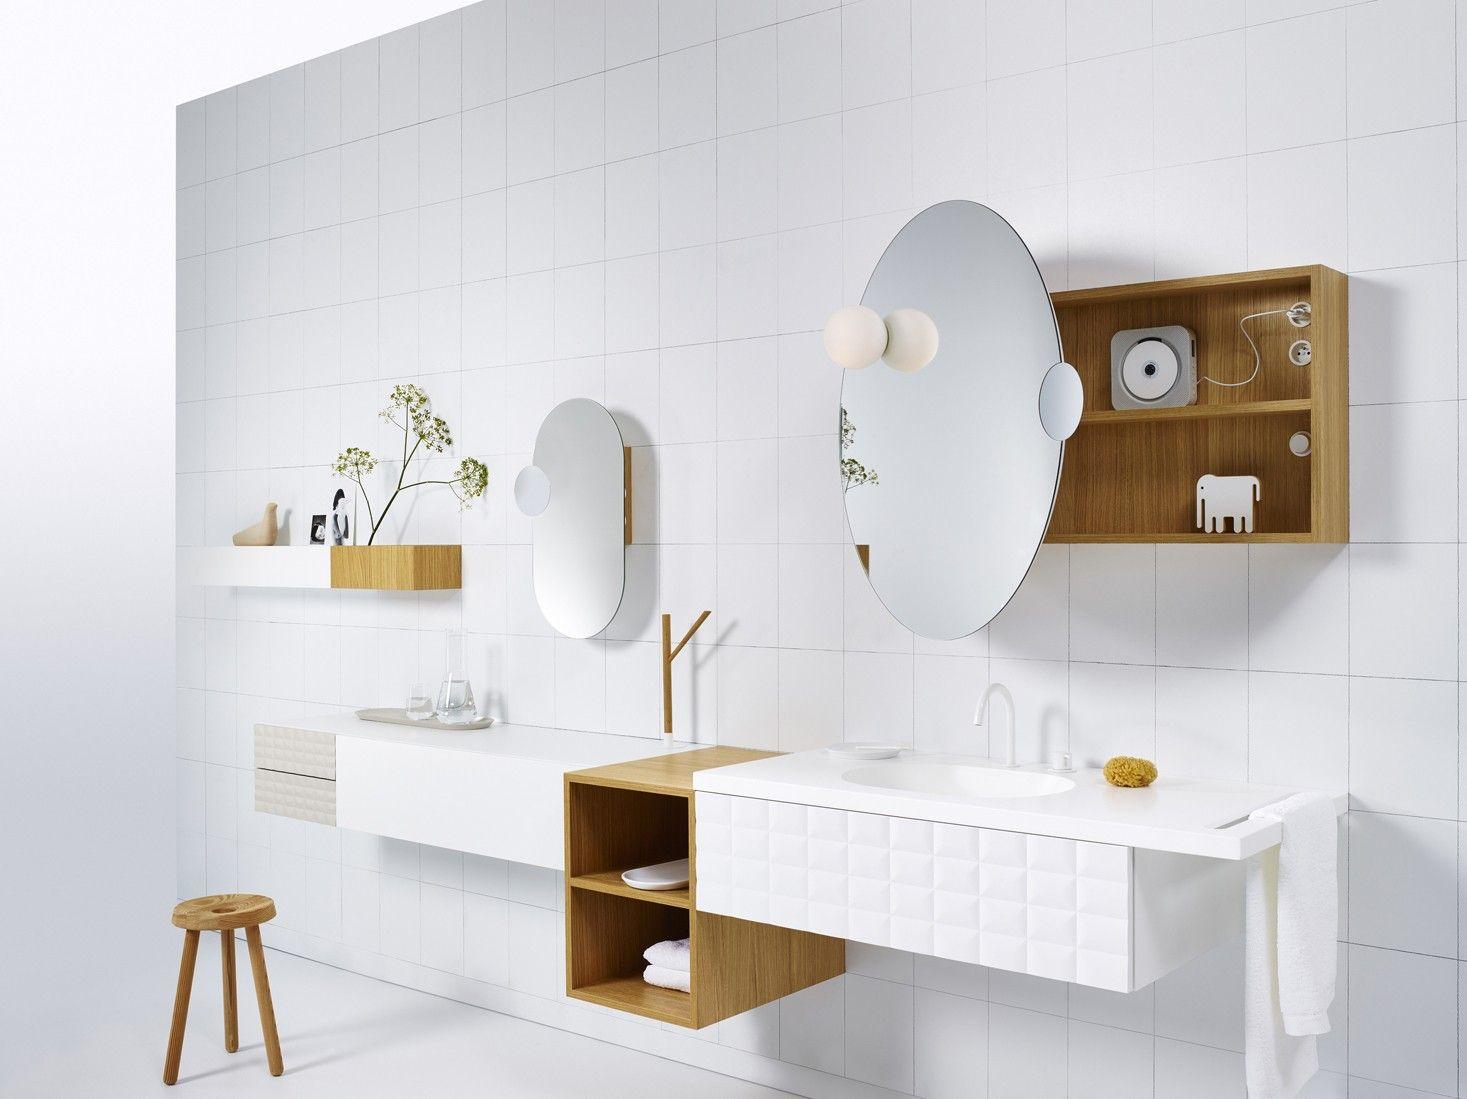 Badkamers En Keukens : Ingrid vika referentie in badkamers & keukens bathroom